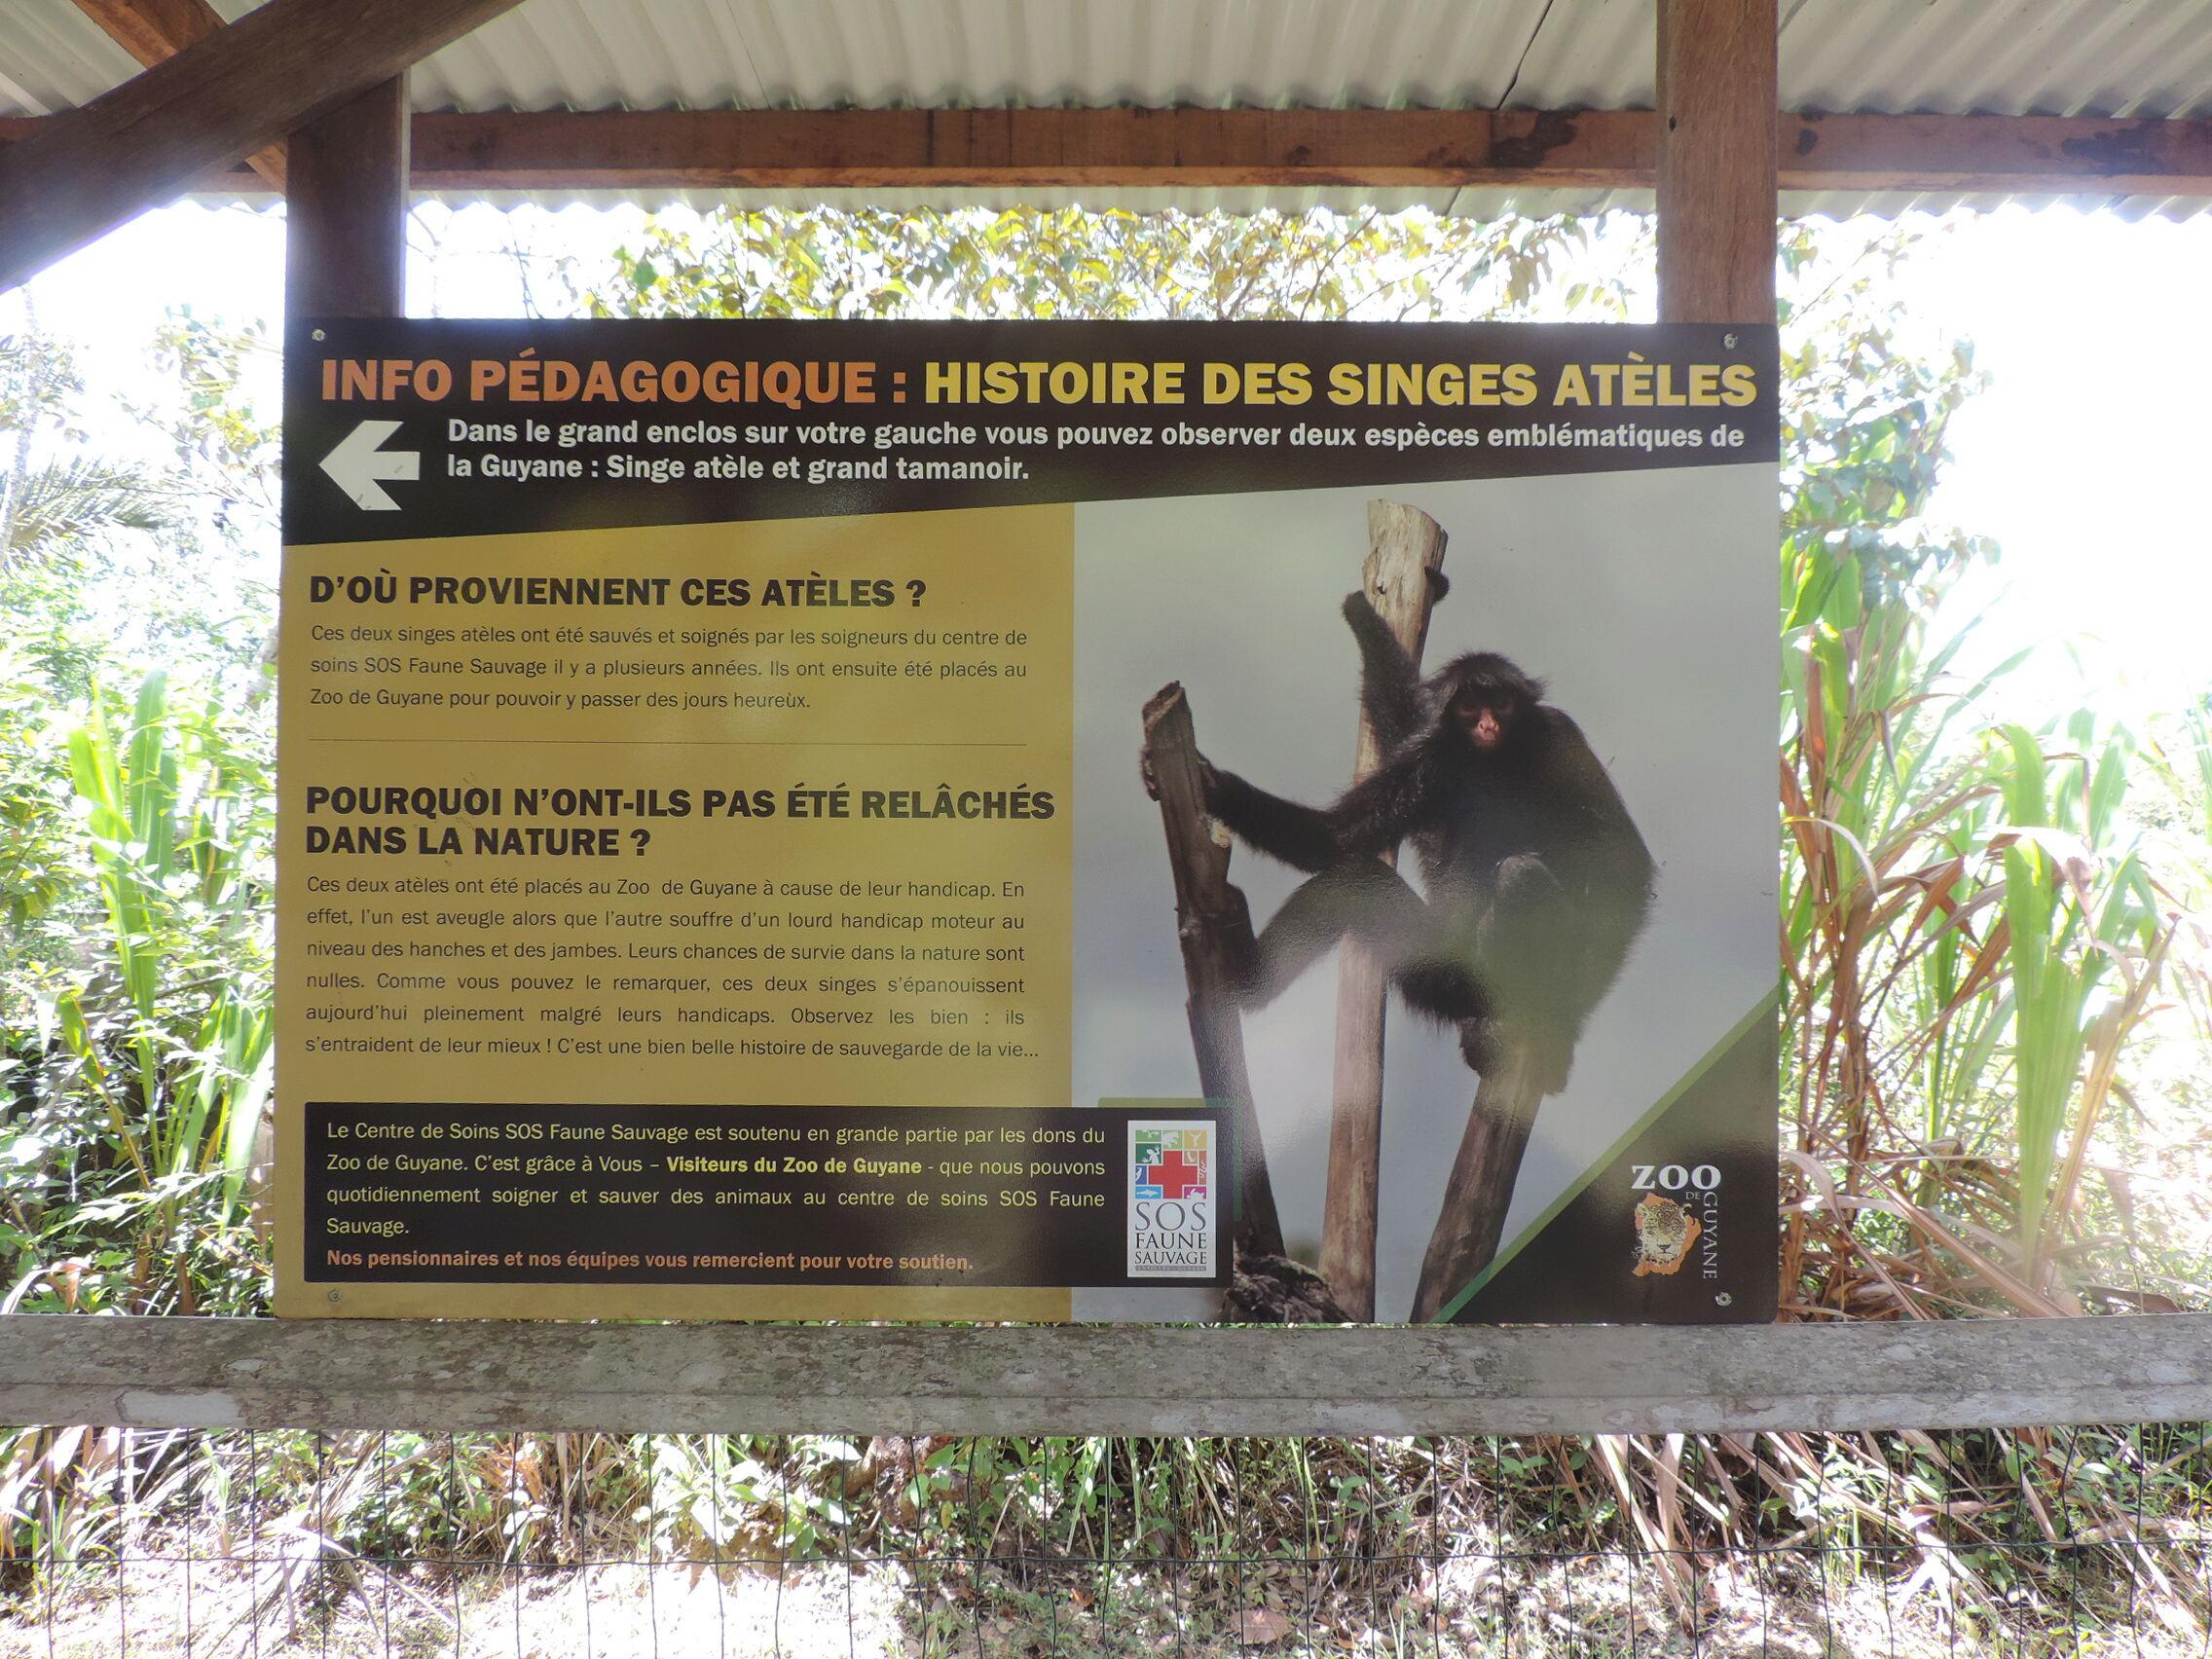 La Guyane en 2018  - Page 11 Dscn0258